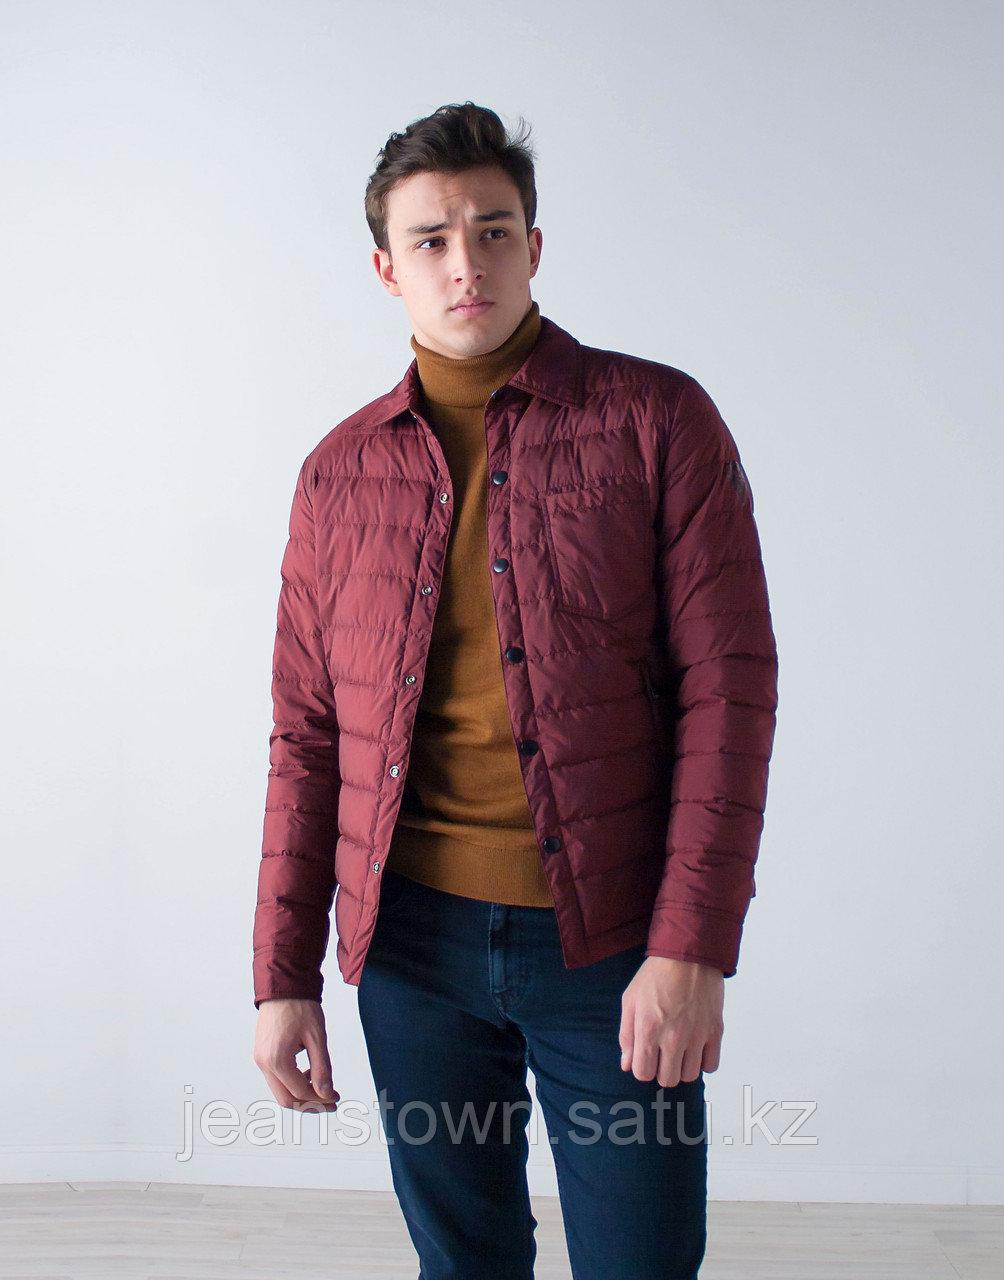 Куртка мужская демисезонная Vivacana бордовая - фото 3